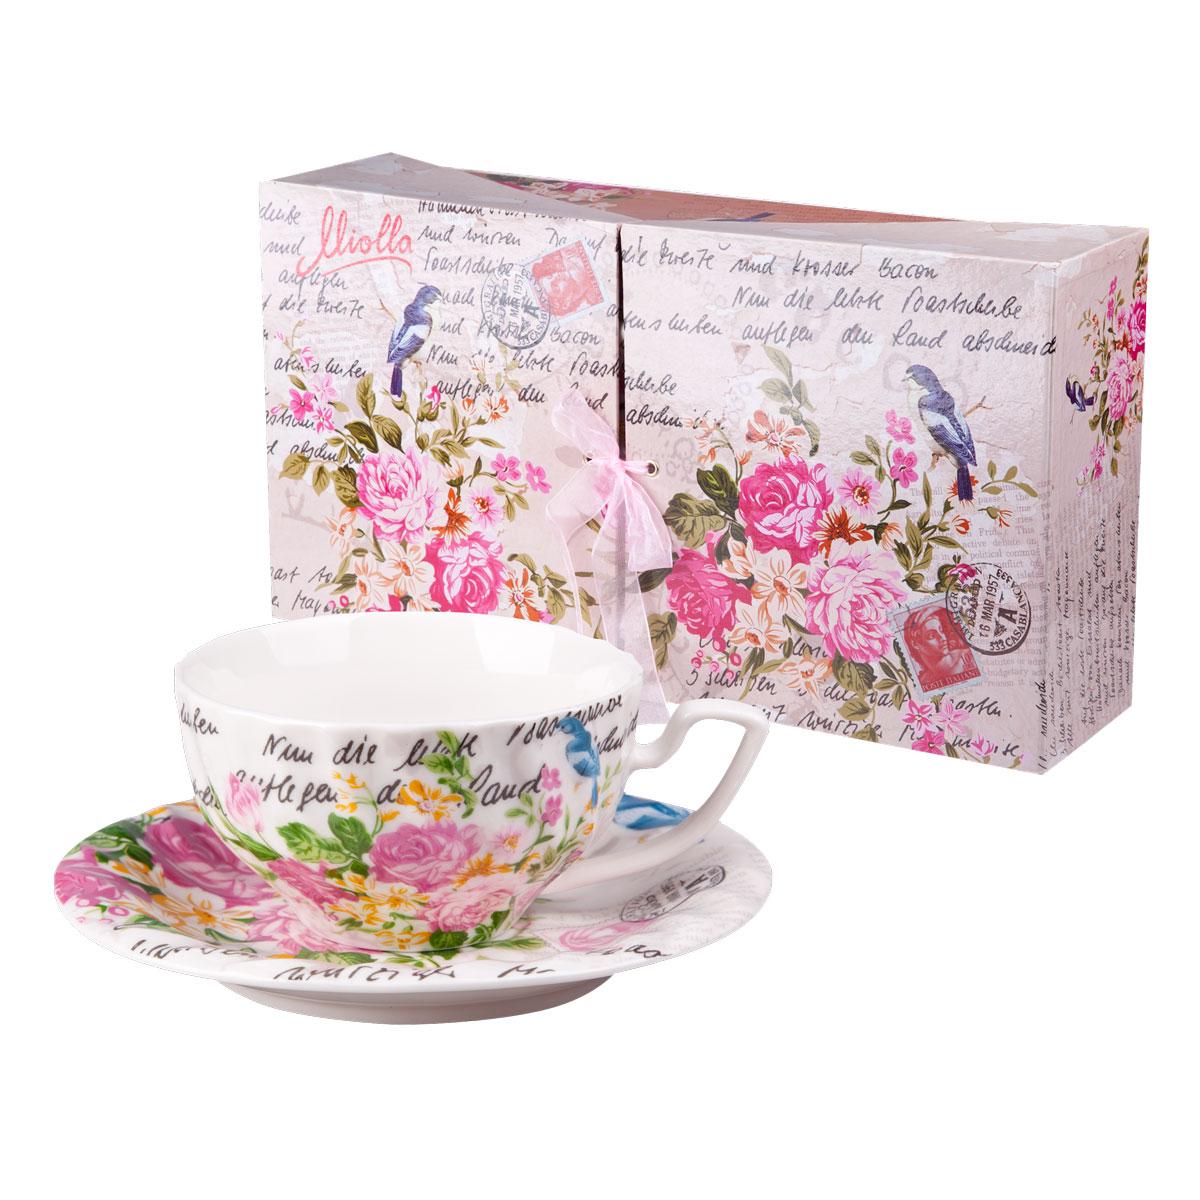 Набор для чая РОЗАЛИЯ, 12 предметов (чашка 220 мл 6 шт, блюдце 6 шт.)VT-1520(SR)Выбор подарка – непростая задача для многих.Набор для чая - не просто подарок, но и гарантия хорошего настроения.